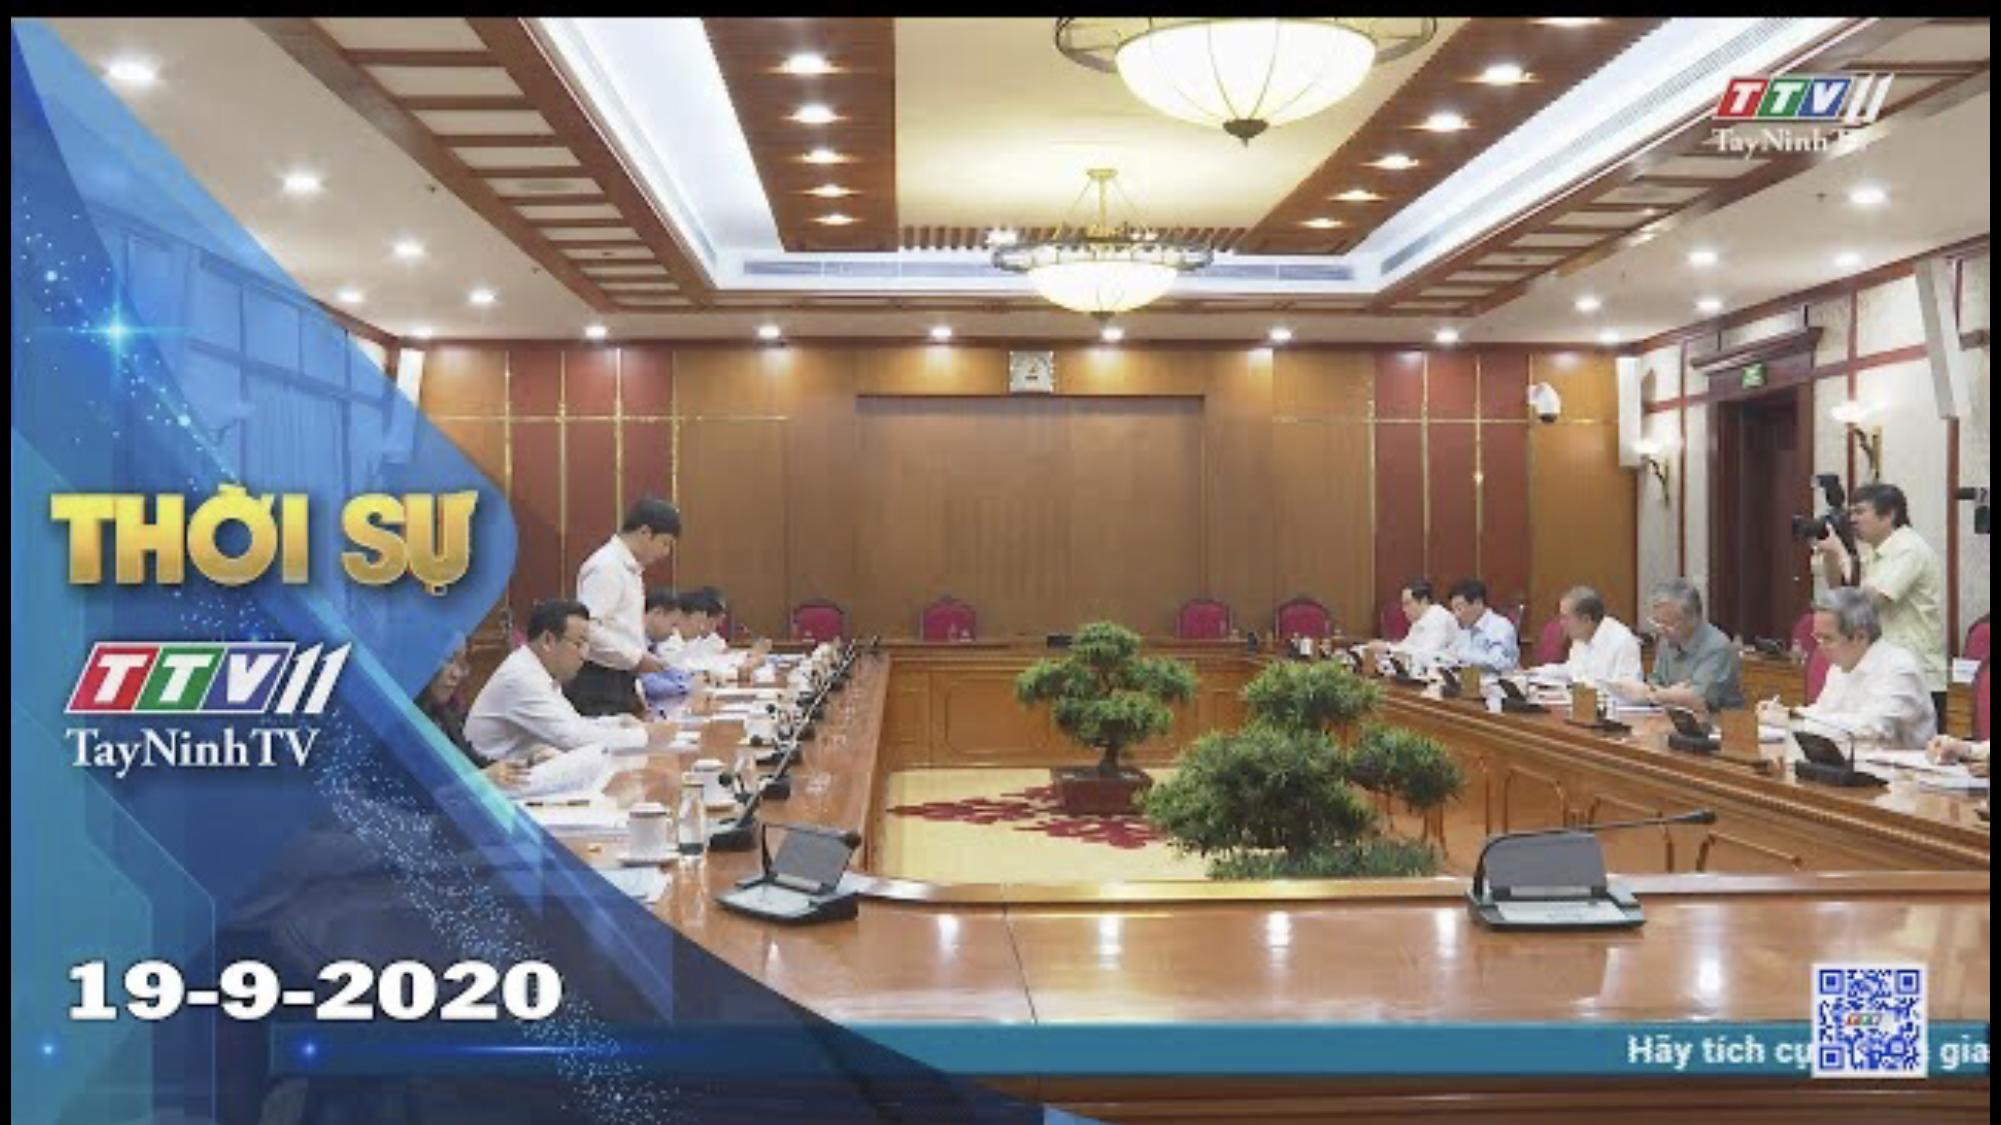 Thời sự Tây Ninh 19-9-2020 | Tin tức hôm nay | TayNinhTV